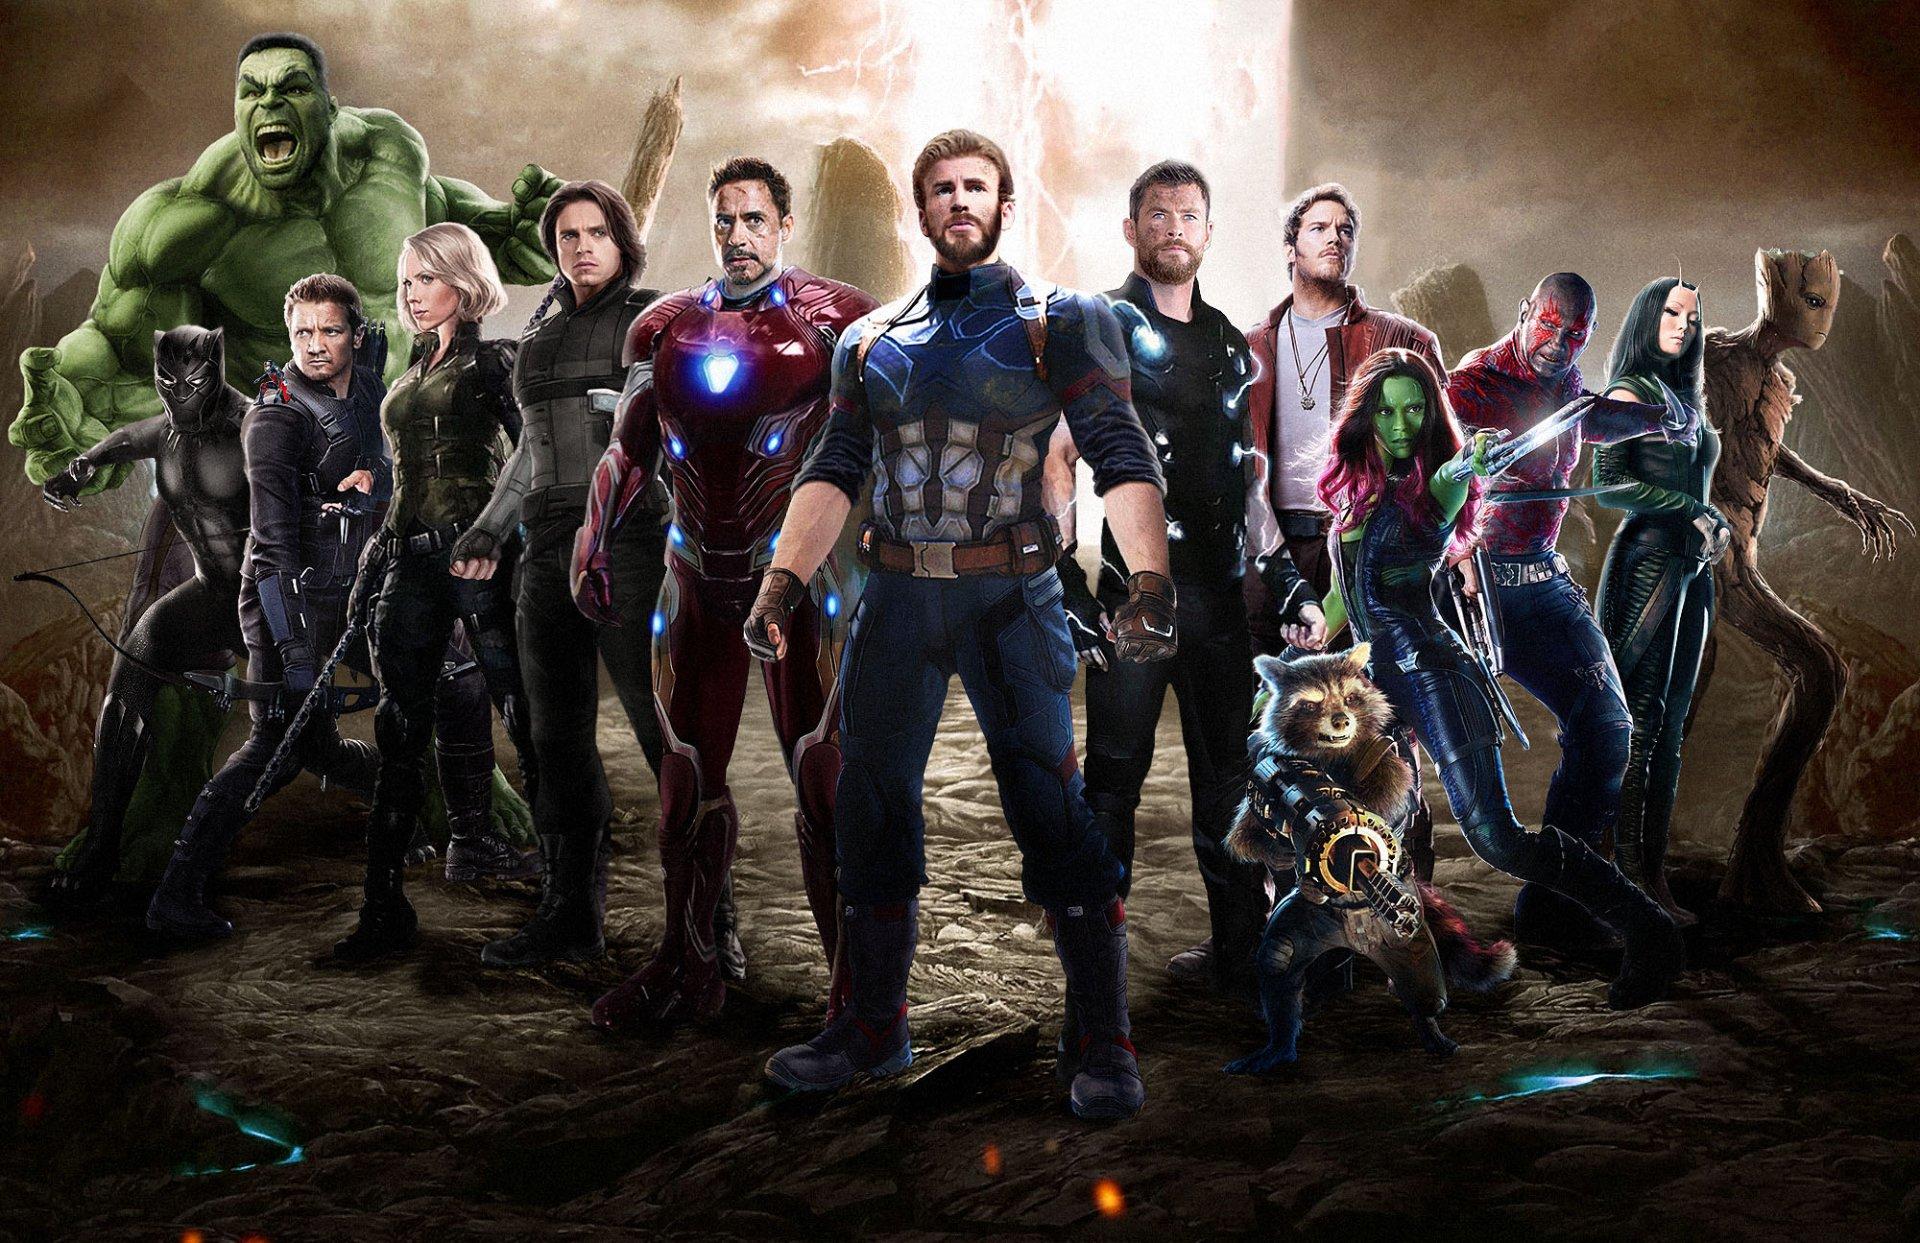 Hulk Wallpaper Iphone X Avengers Infinity War Hd Wallpaper Hintergrund